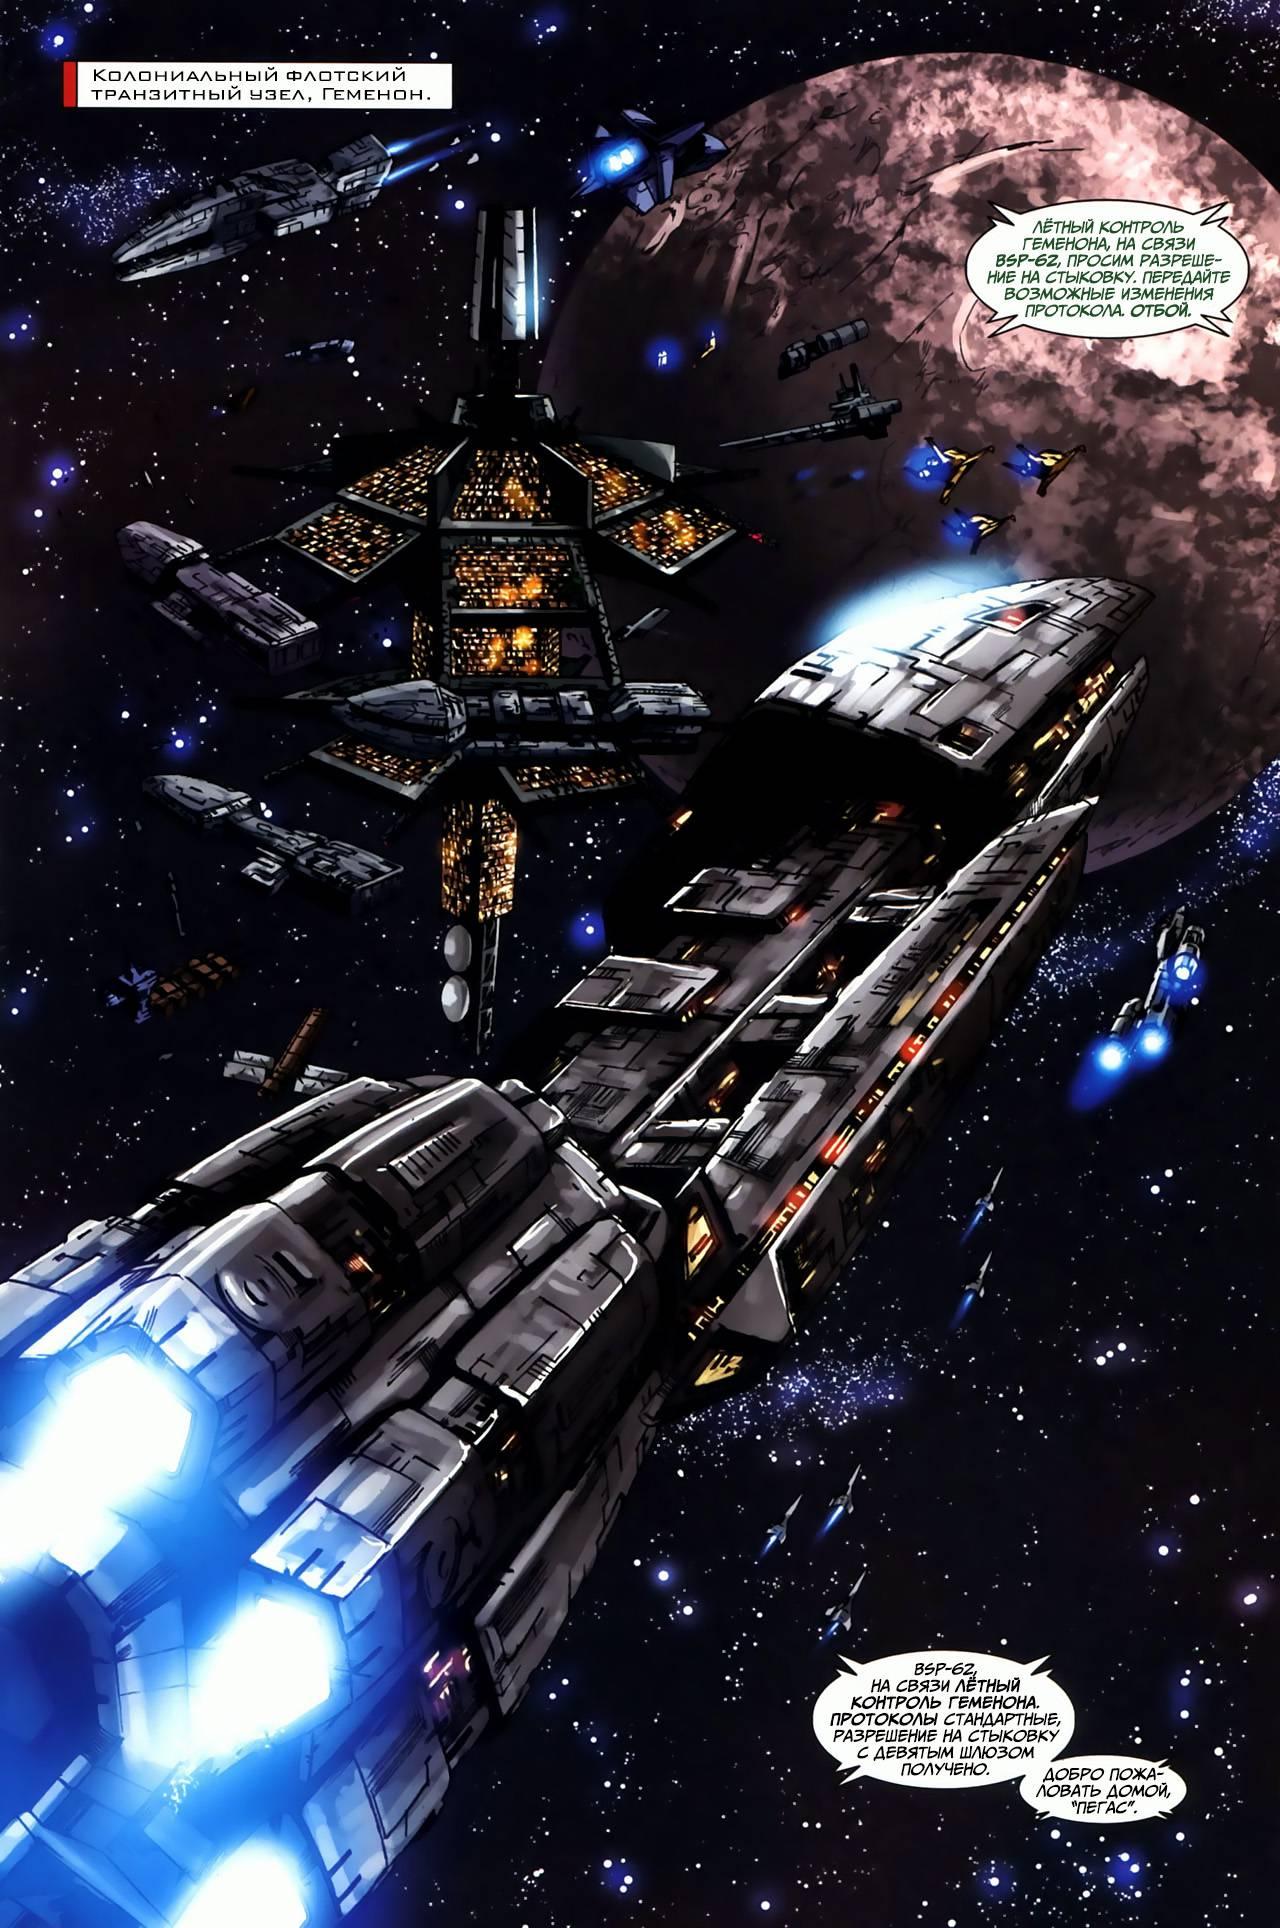 звездный крейсер оргазмика-юя3